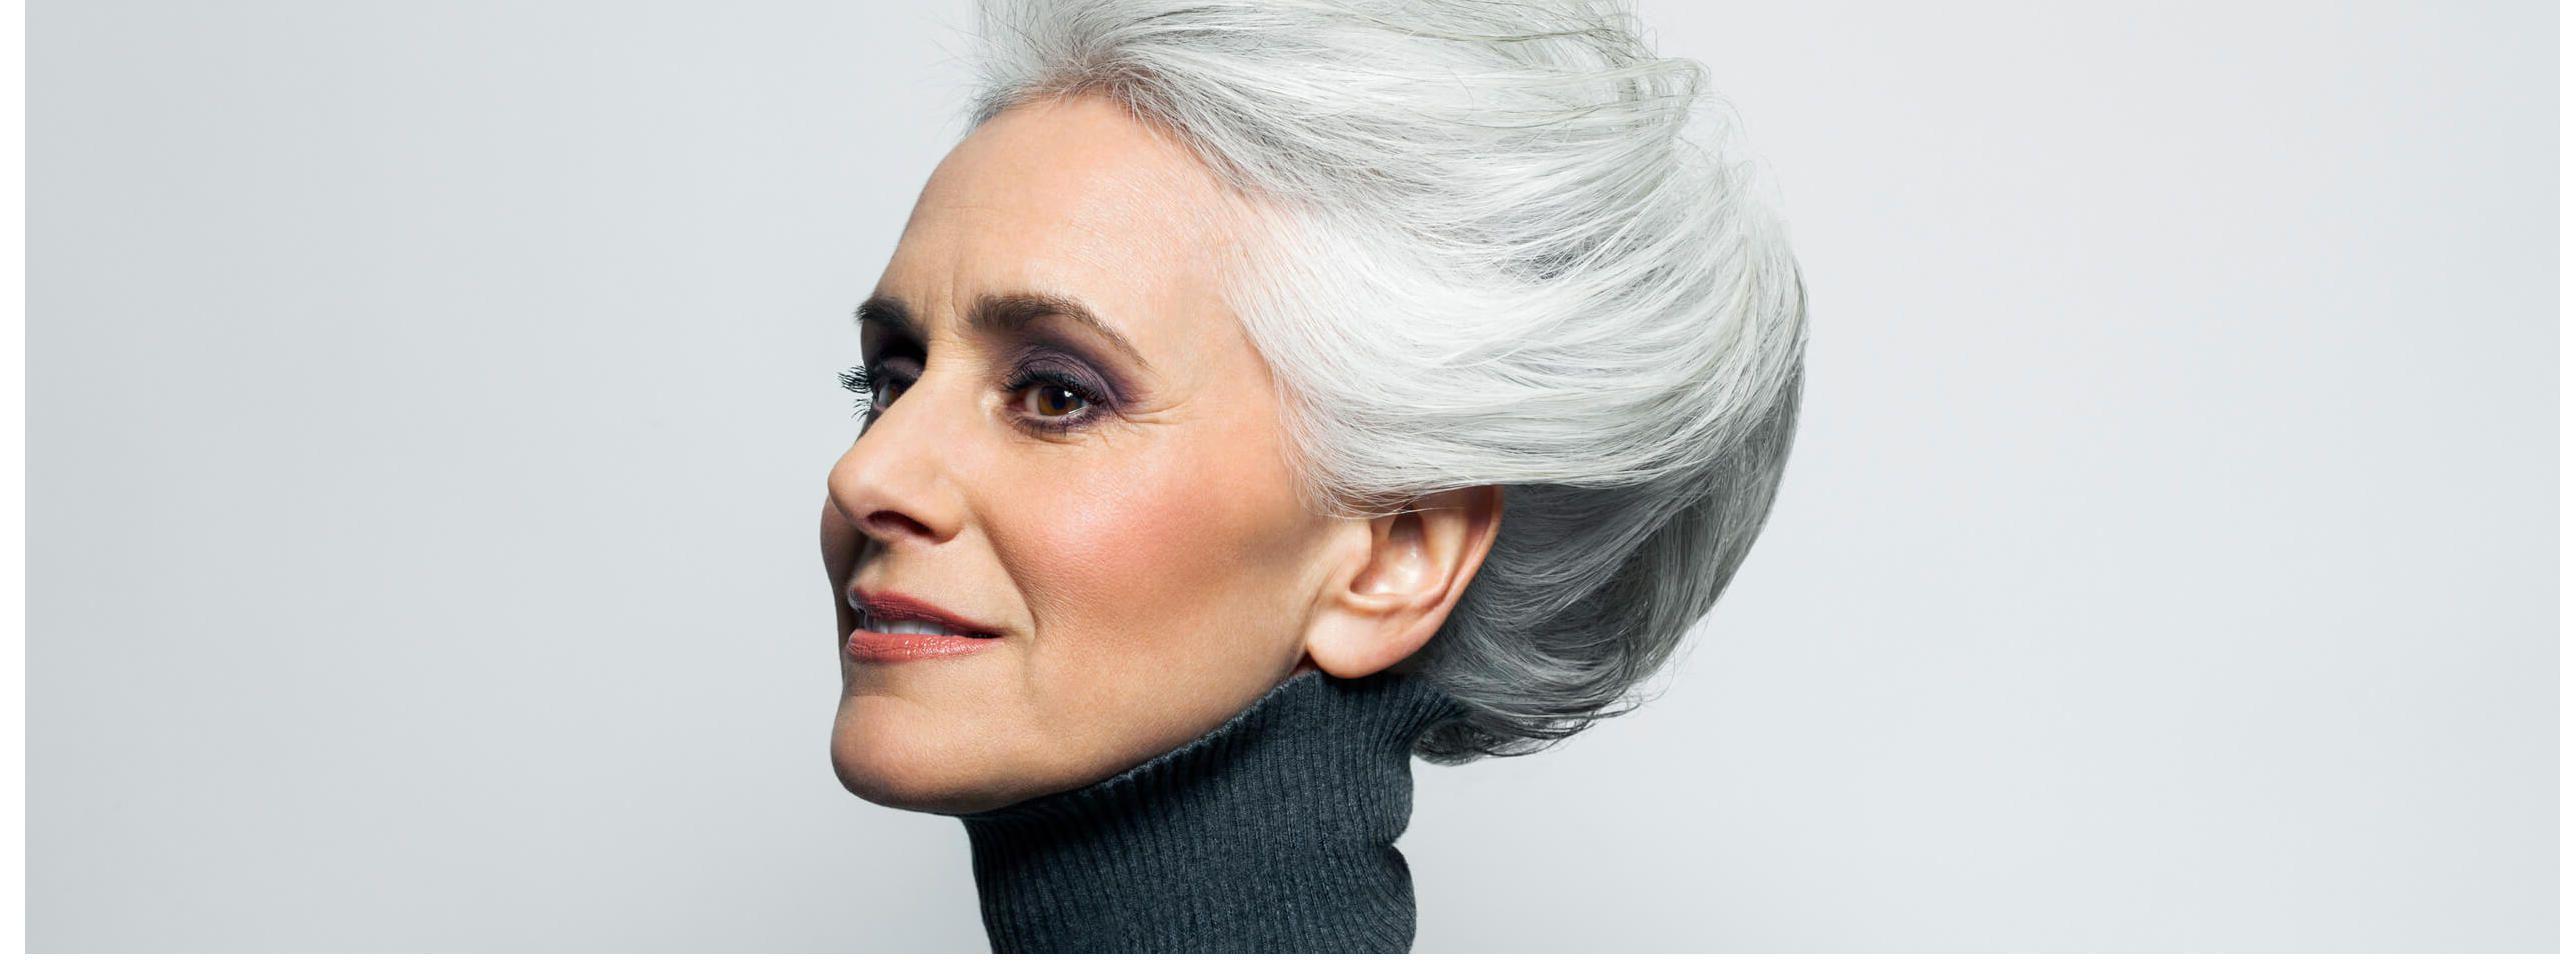 frisuren graue haare - neue frisuren für frauen 2018